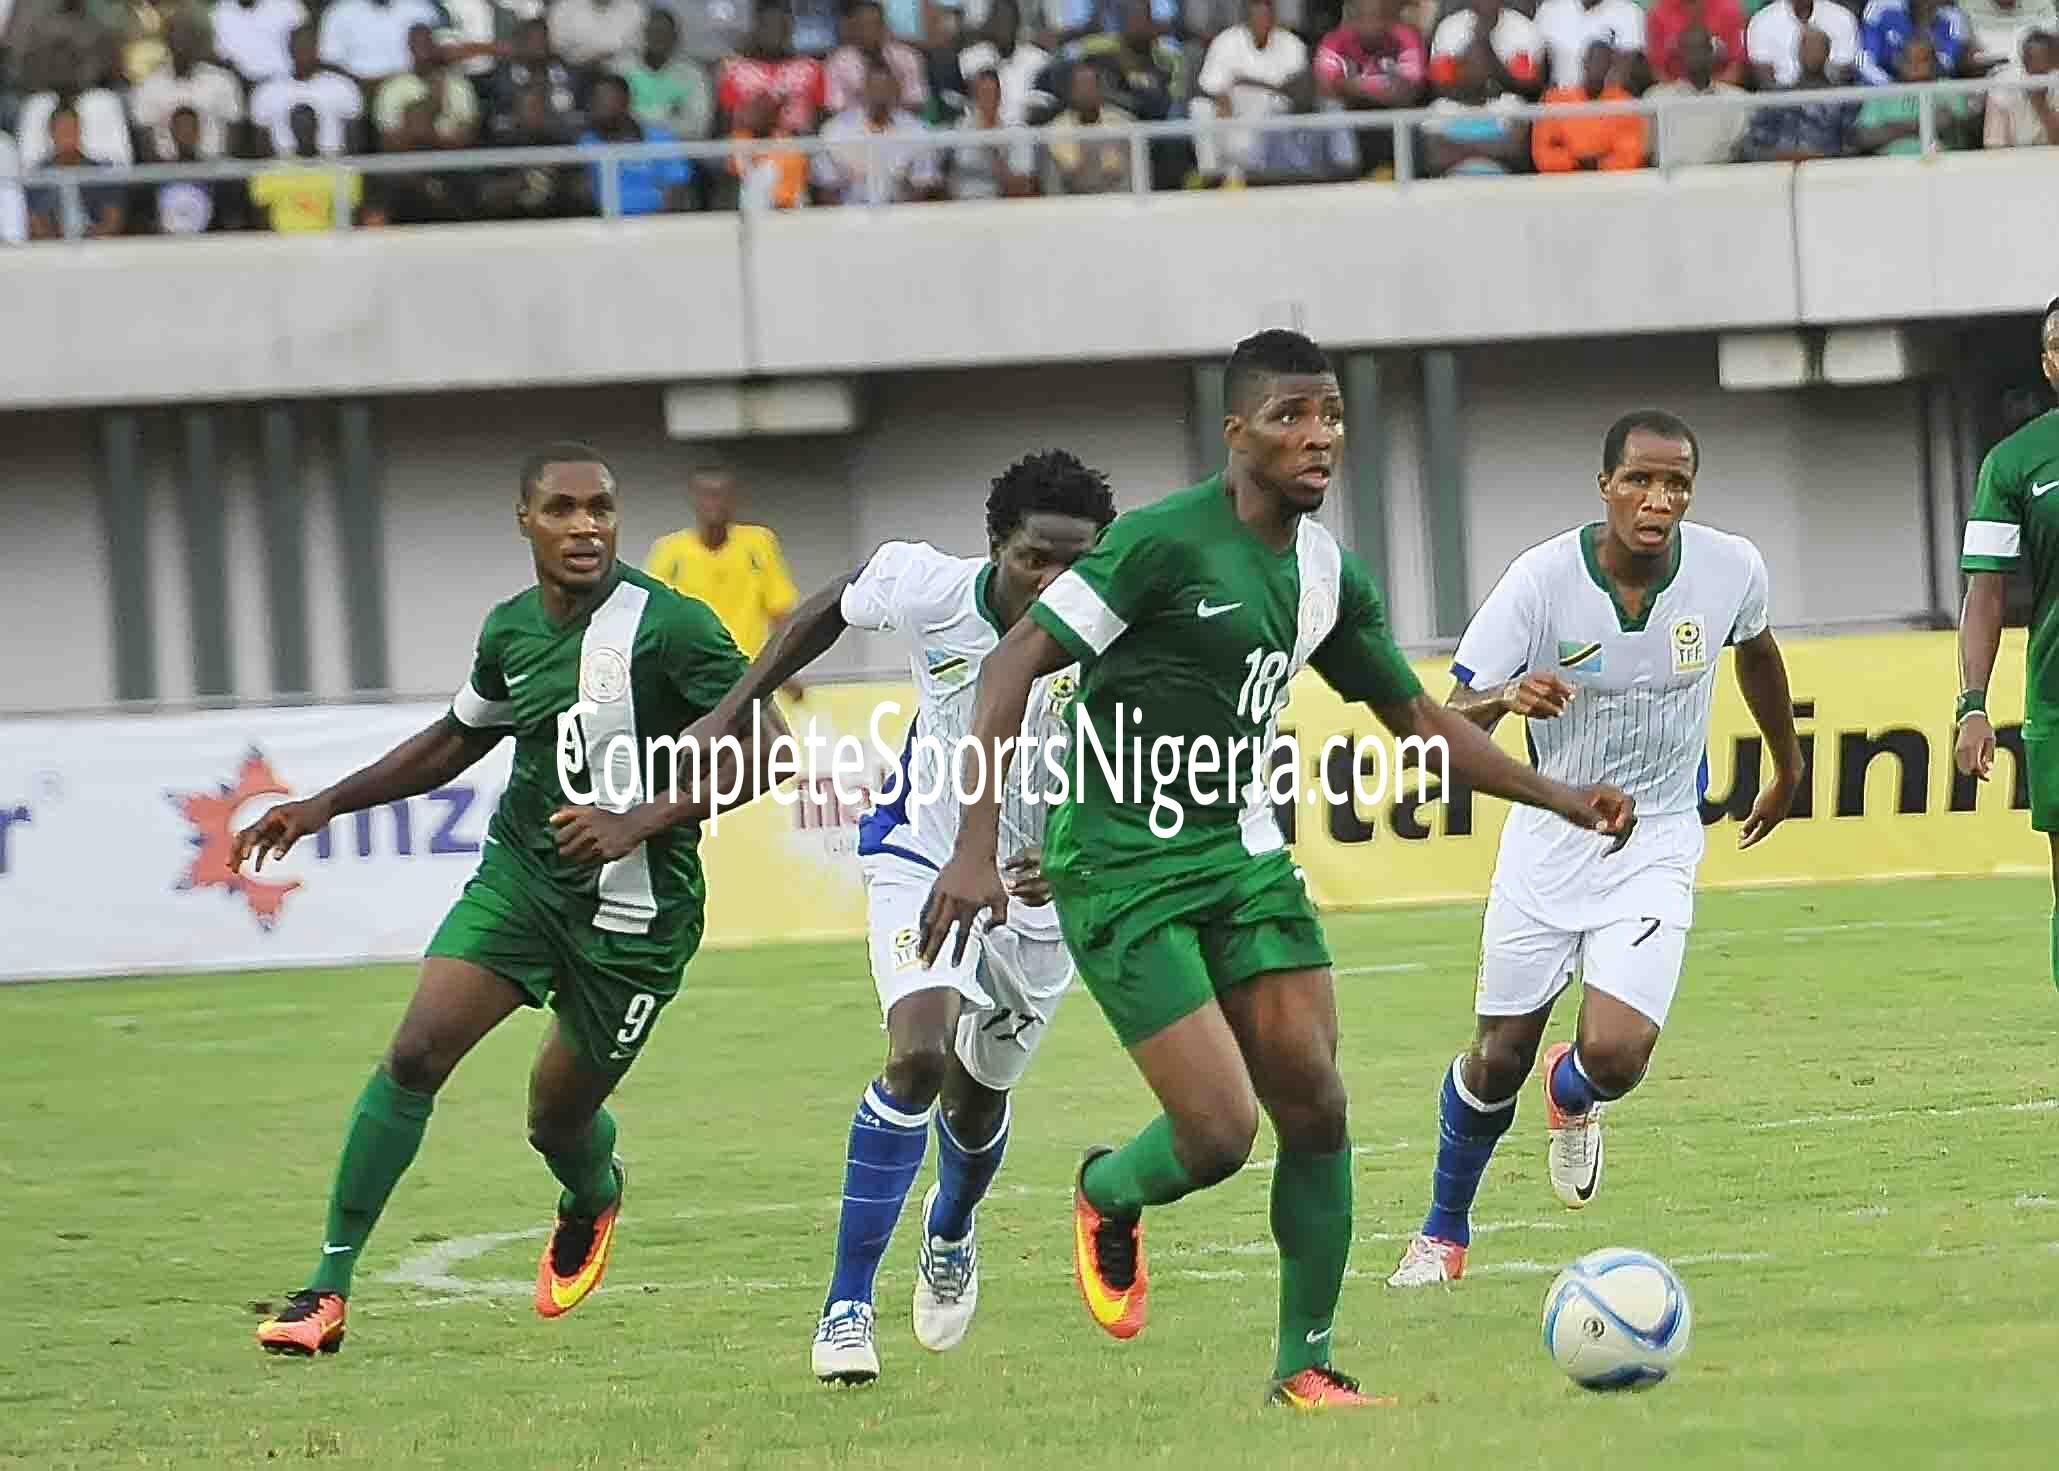 Nigeria Vs Algeria Tickets Go For N1000, N500